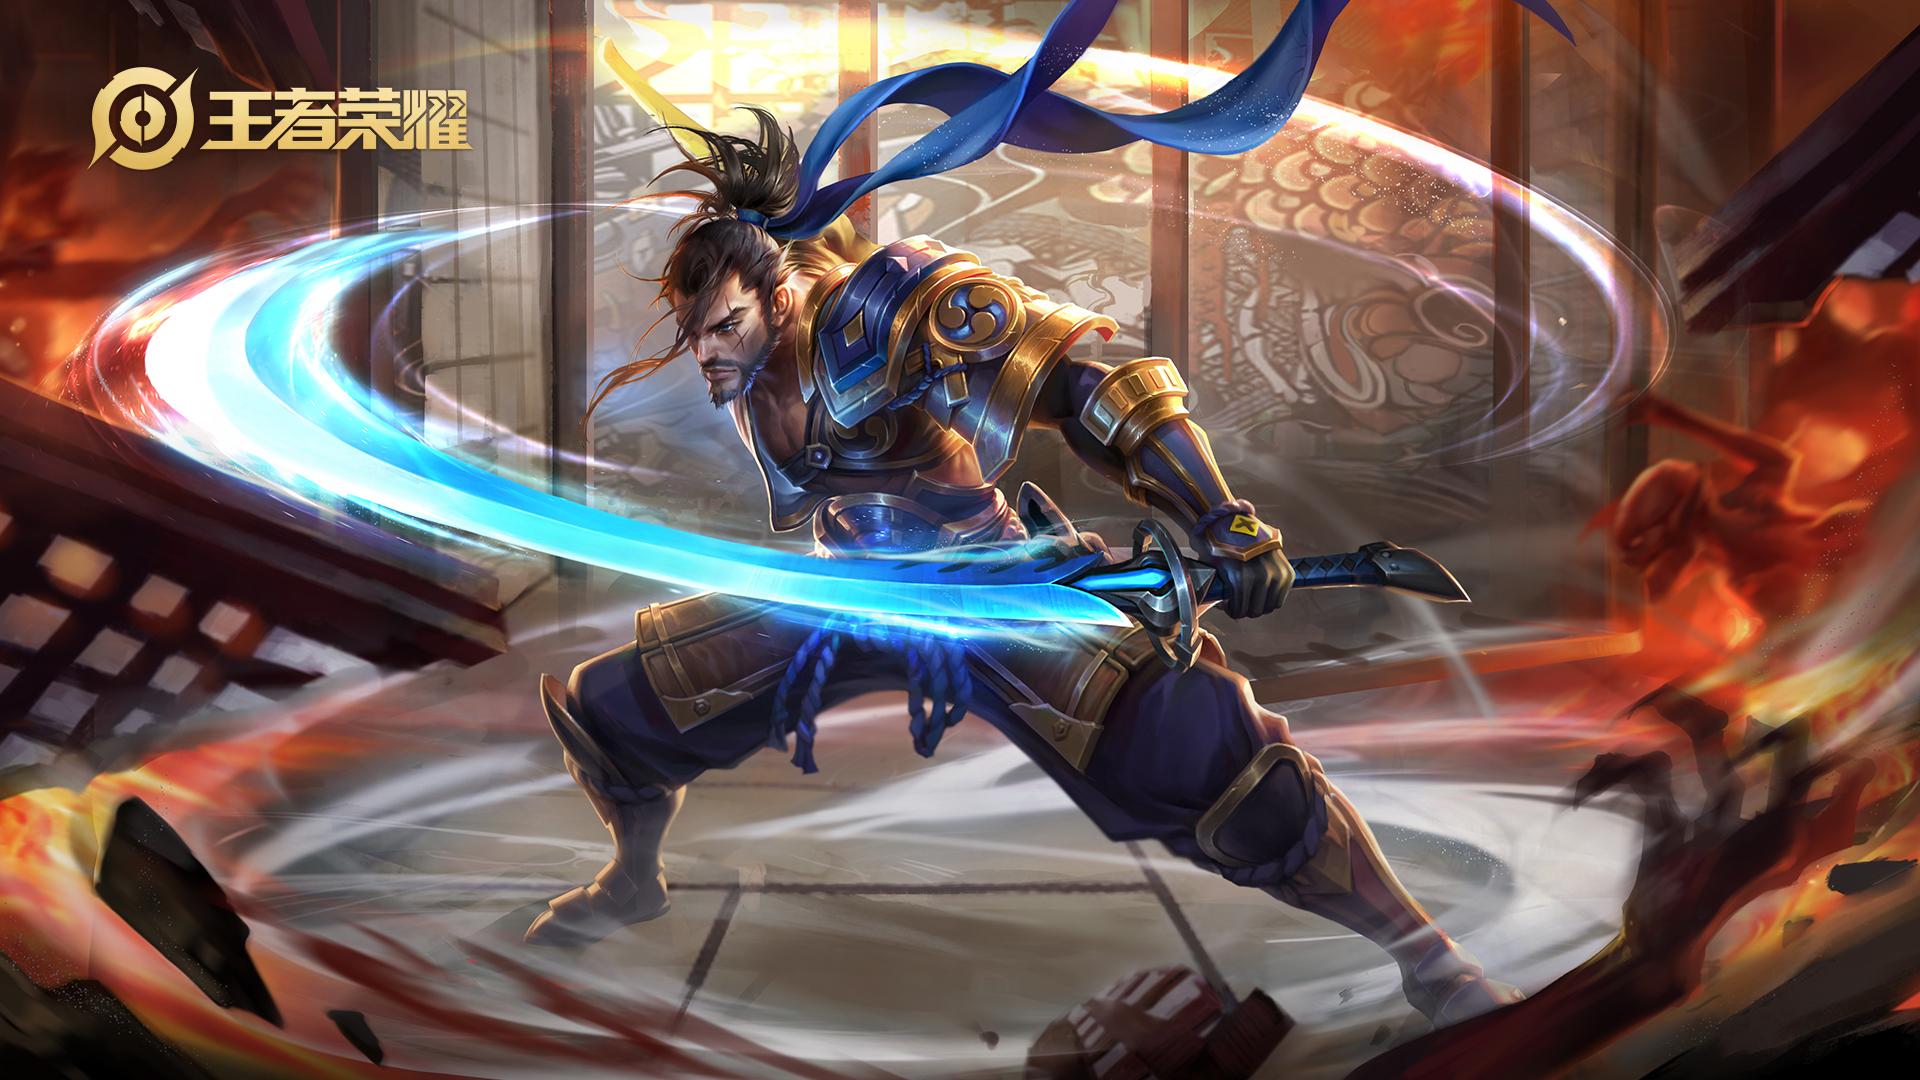 王者荣耀:谁能躲避宫本的三技能?最后一居然是射手